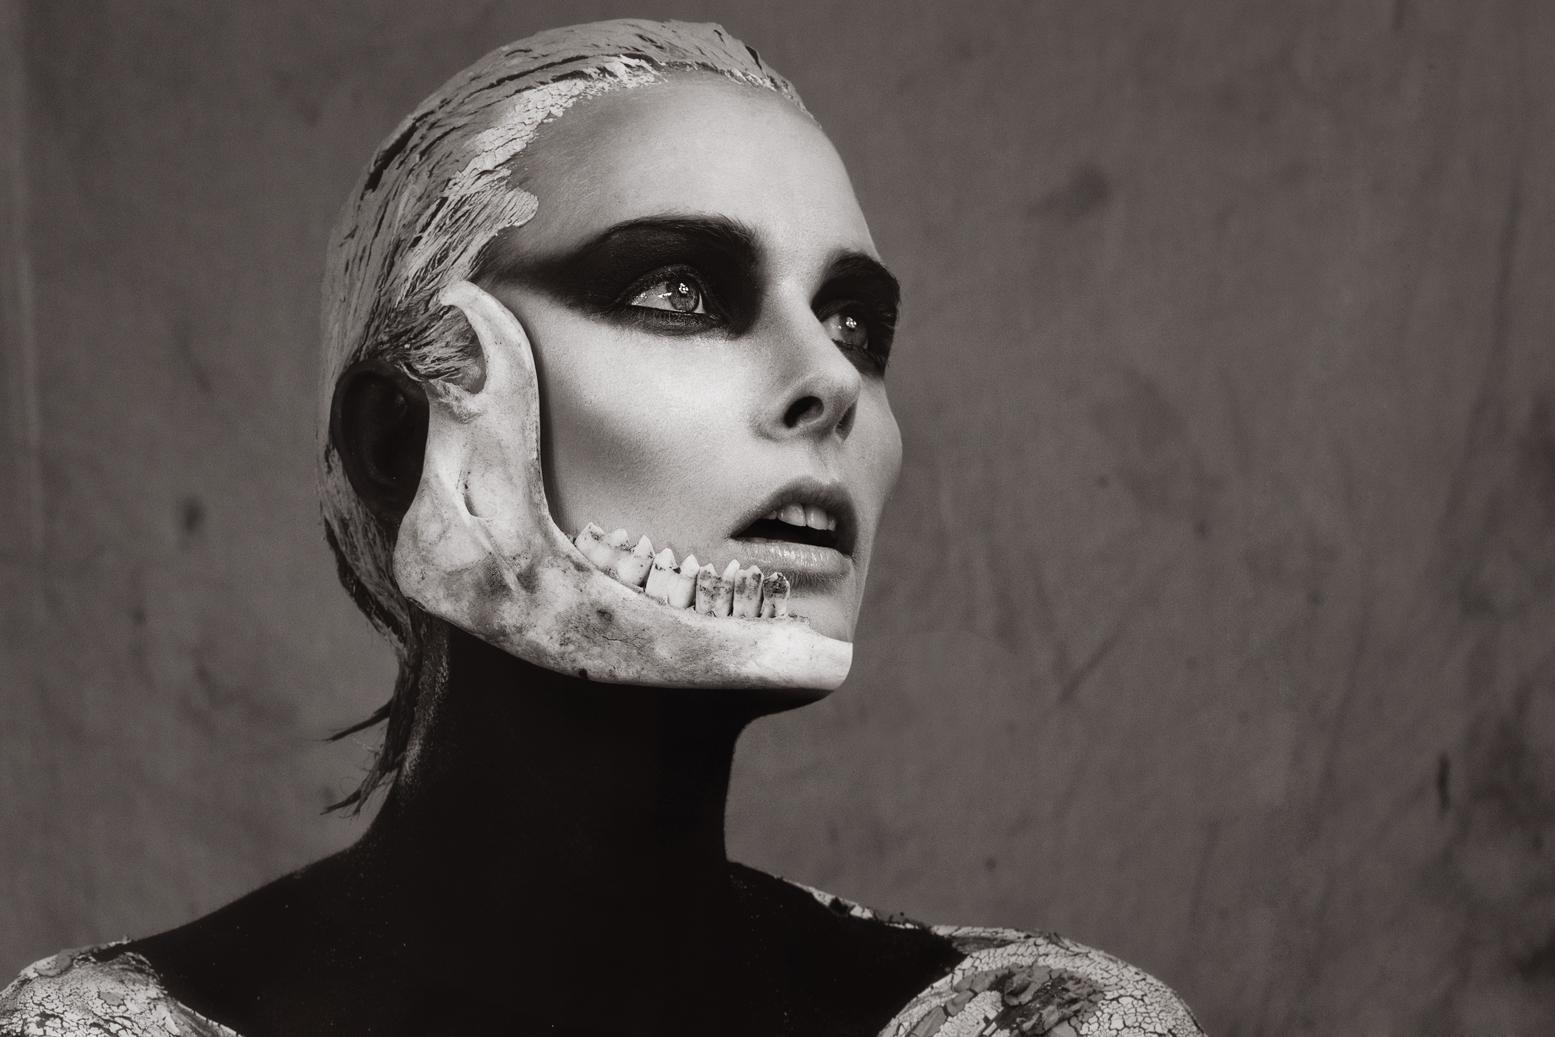 Salleh Sparrow (SallehSparrow) - model is photog (SallehSparrowModelling) - makeup James Minahan (makeupartistbirmingham)